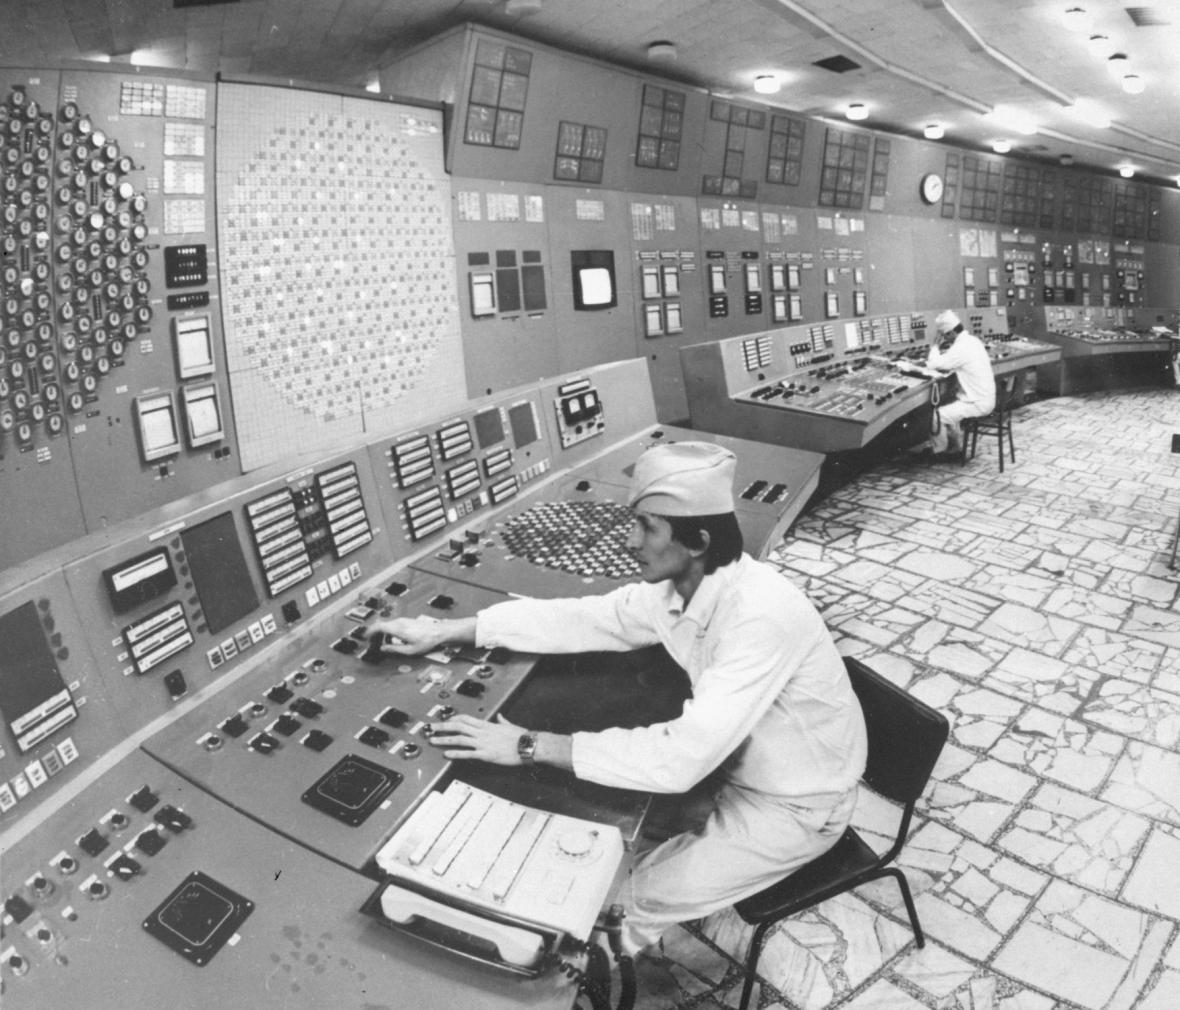 Černobylská jaderná elektrárna V. I. Lenina se začala stavět v roce 1970 v bažinaté krajině na severu Ukrajinské SSR, 18 km od města Černobyl, relativně blízko (ale i dostatečně daleko) od Kyjeva, poblíž bohatých vodních zdrojů a hlavní železnice.